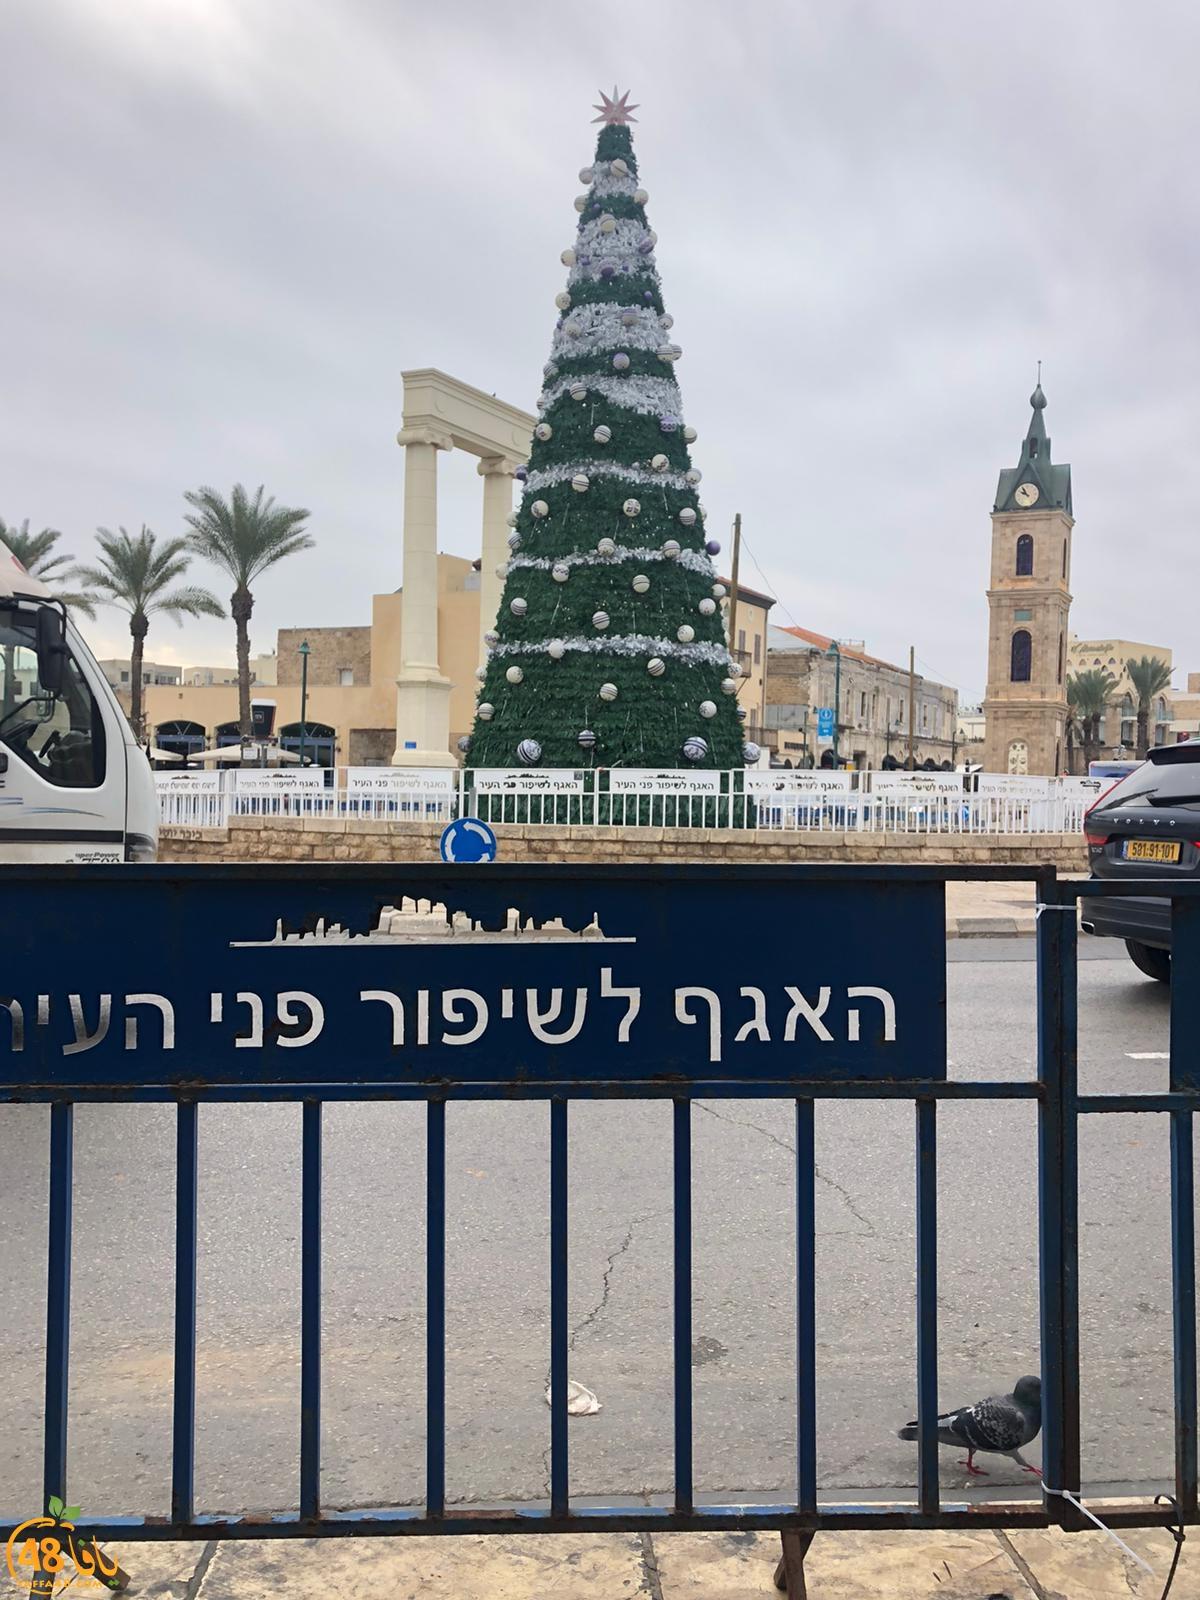 صور: استعدادات لاضاءة شجرة عيد الميلاد في مدينة يافا الأحد المقبل